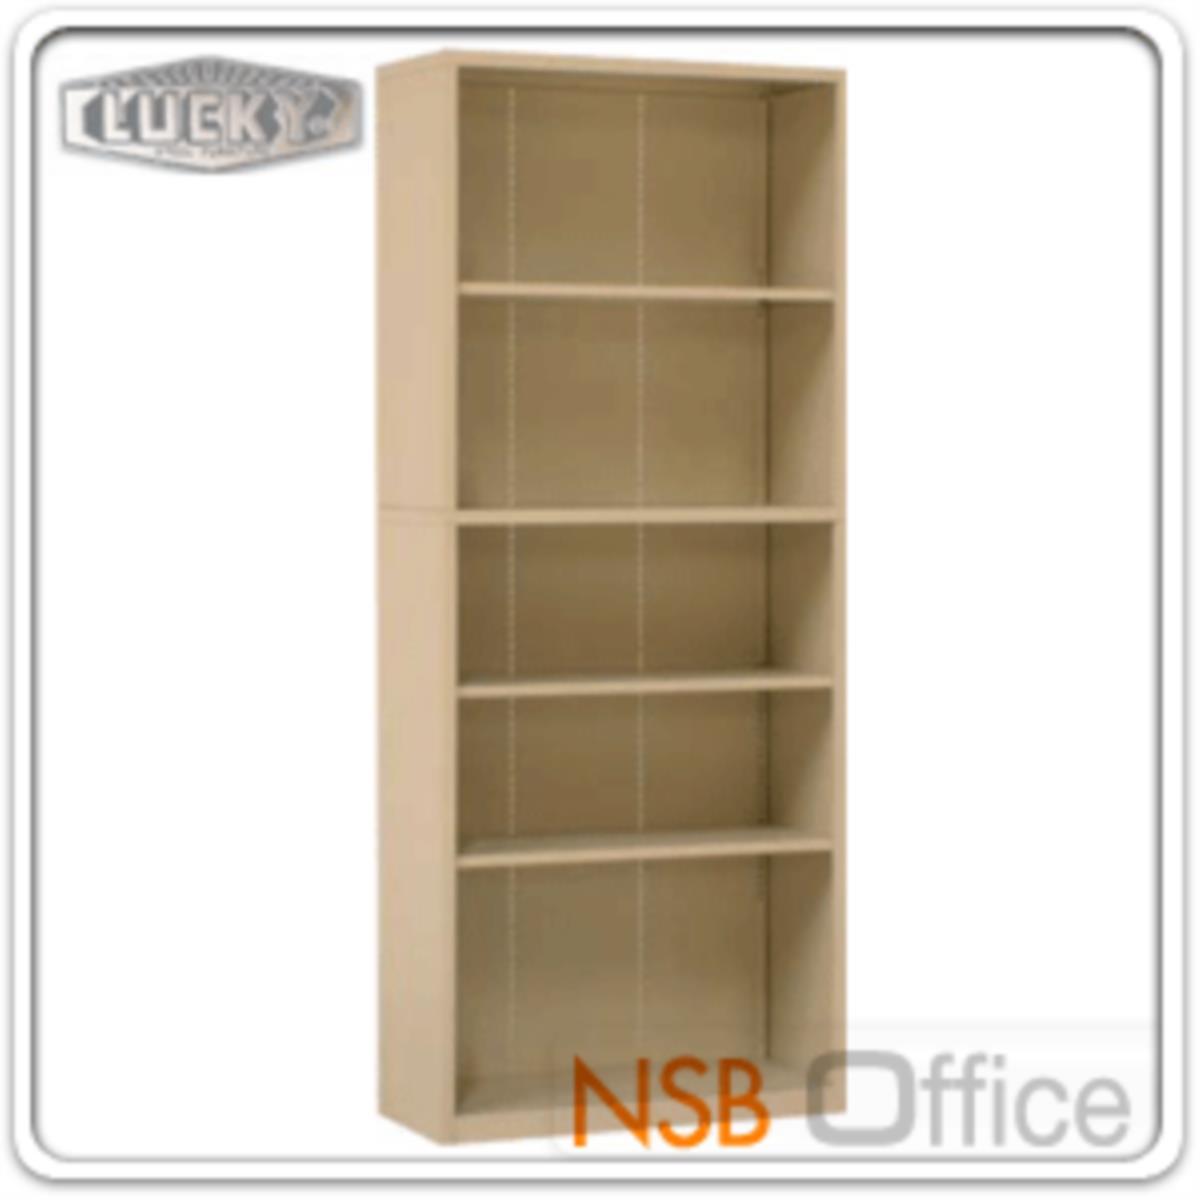 ตู้วางหนังสือ 5 ช่องโล่ง 76.2W*32D*182.9H cm. รุ่น LUCKY-SB-3072